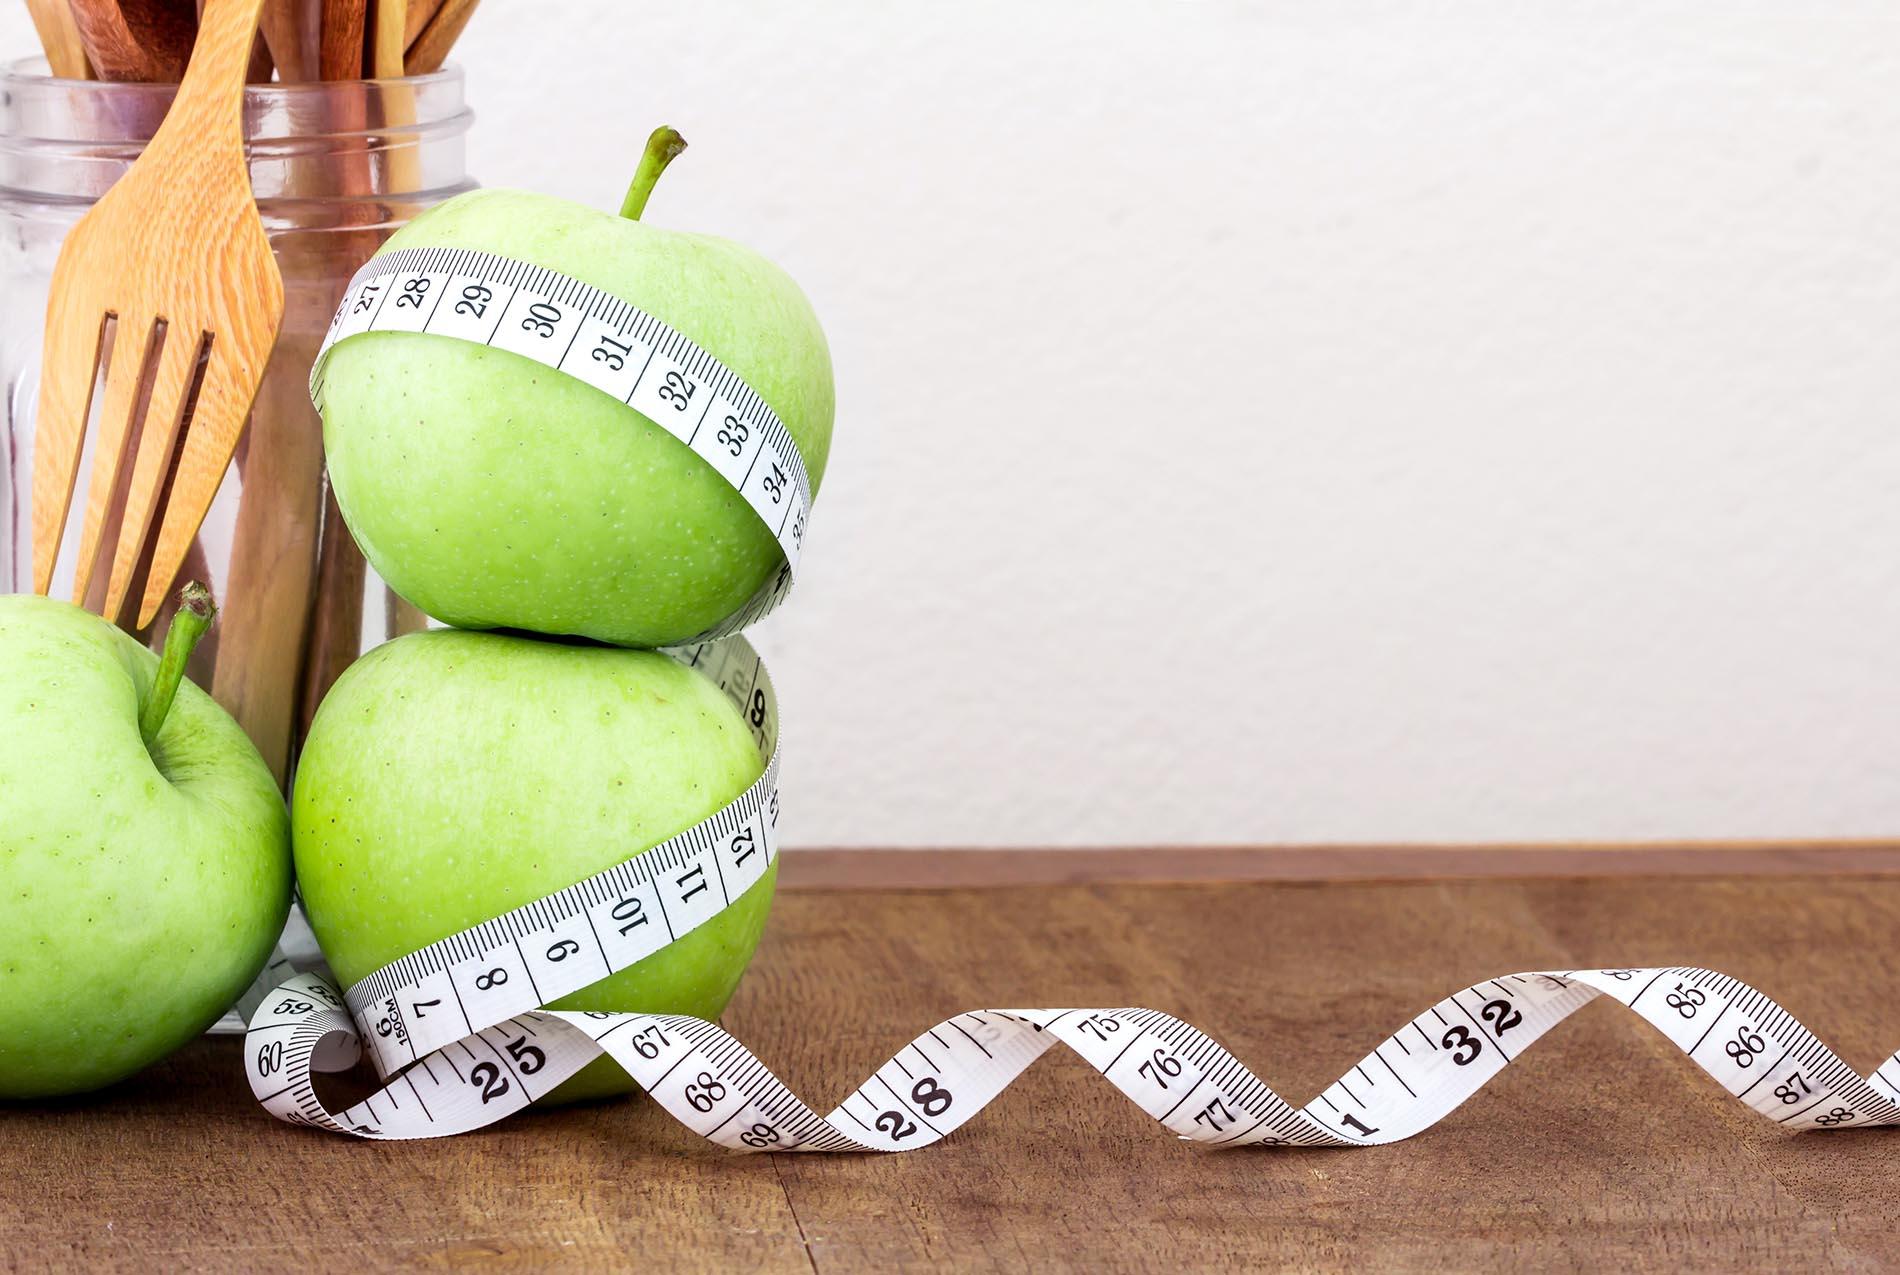 Bewegungsmangel, hochkalorische sowie einseitige Ernährung und Stress können für zu viel Körperfülle verantwortlich sein. Aber auch die Zusammensetzung der Darmflora spielt dabei eine entscheidende Rolle.